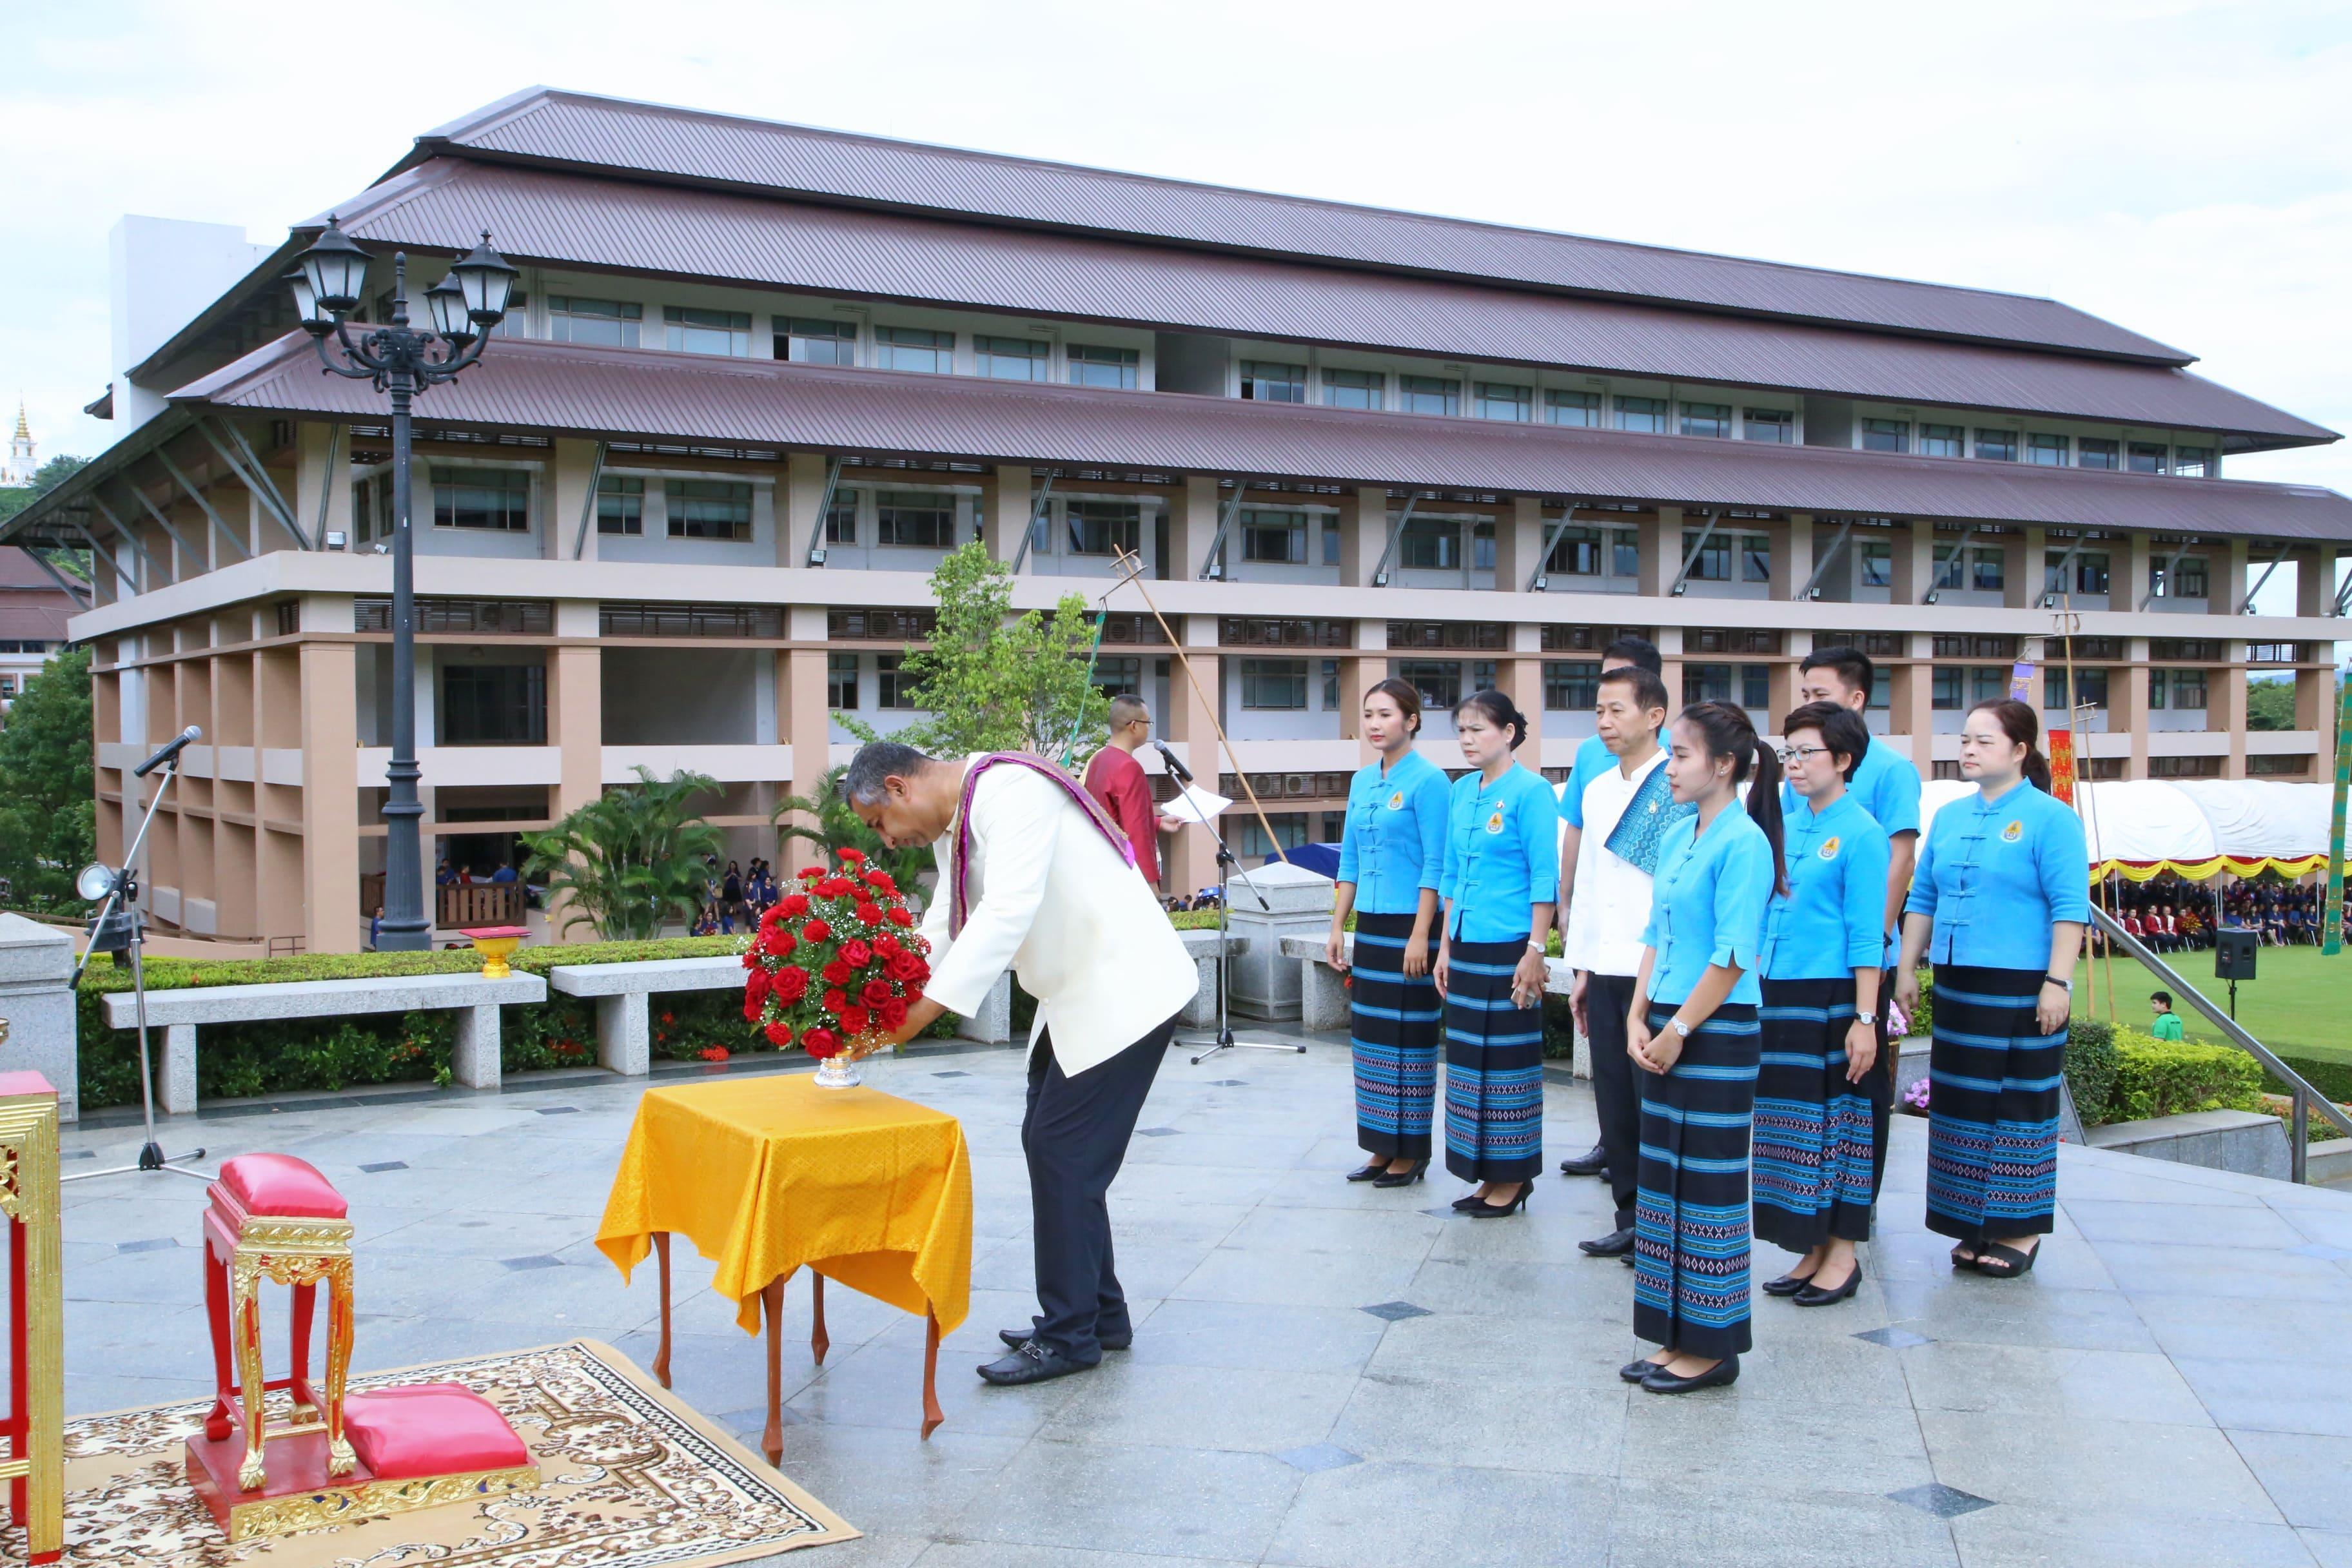 ผู้เข้าร่วมพิธีถวายพานพุ่มดอกไม้หน้าพระราชานุสาวรีย์สมเด็จพระศรีนครินทราบรมราชชนนี